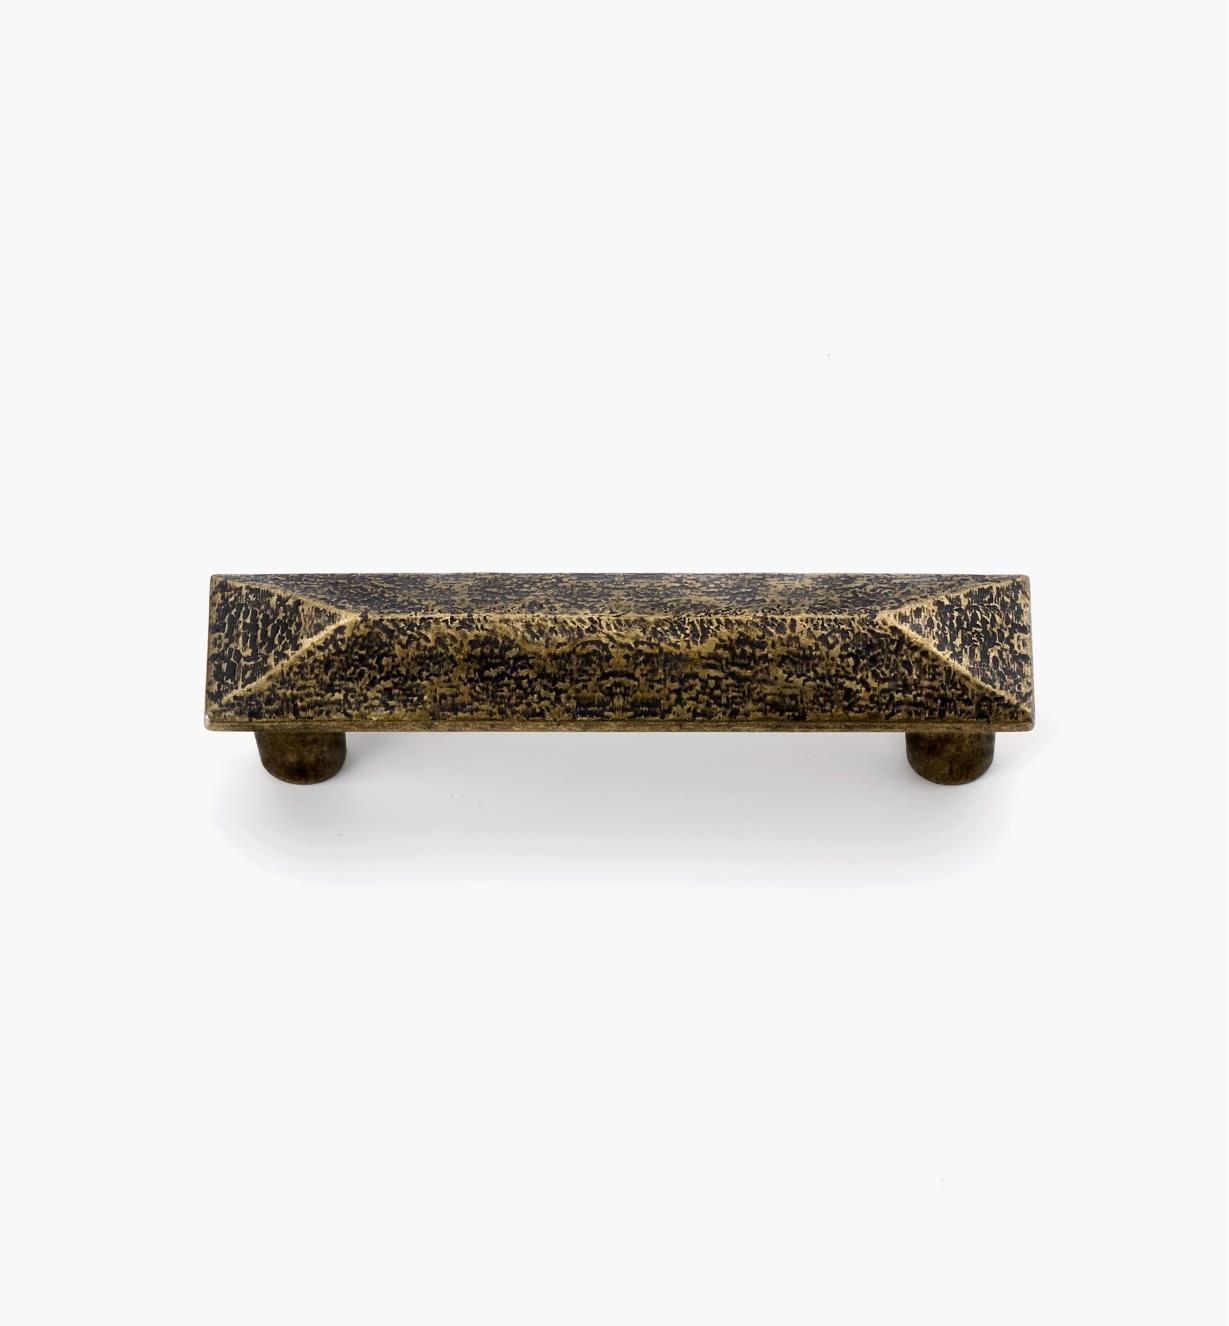 02A4454 - Poignée à quatre versants, fini laiton antique, 76mm